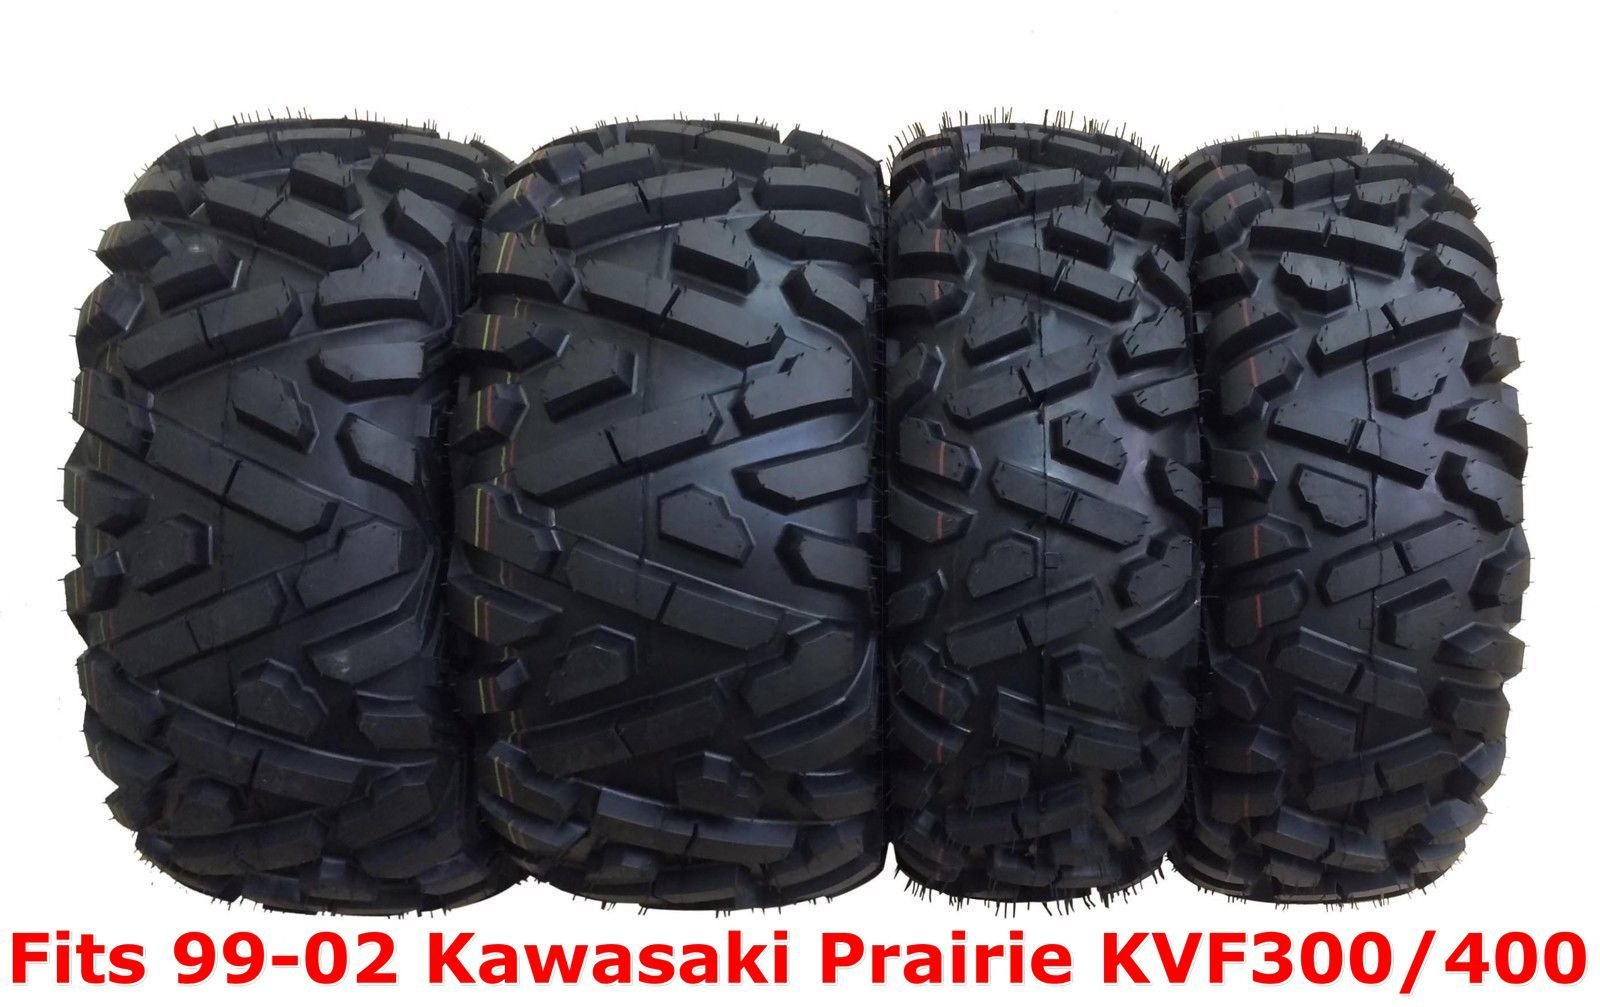 Set 4 WANDA ATV tires 25x8-12 & 25x11-10 for 99-02 Kawasaki Prairie KVF300/400